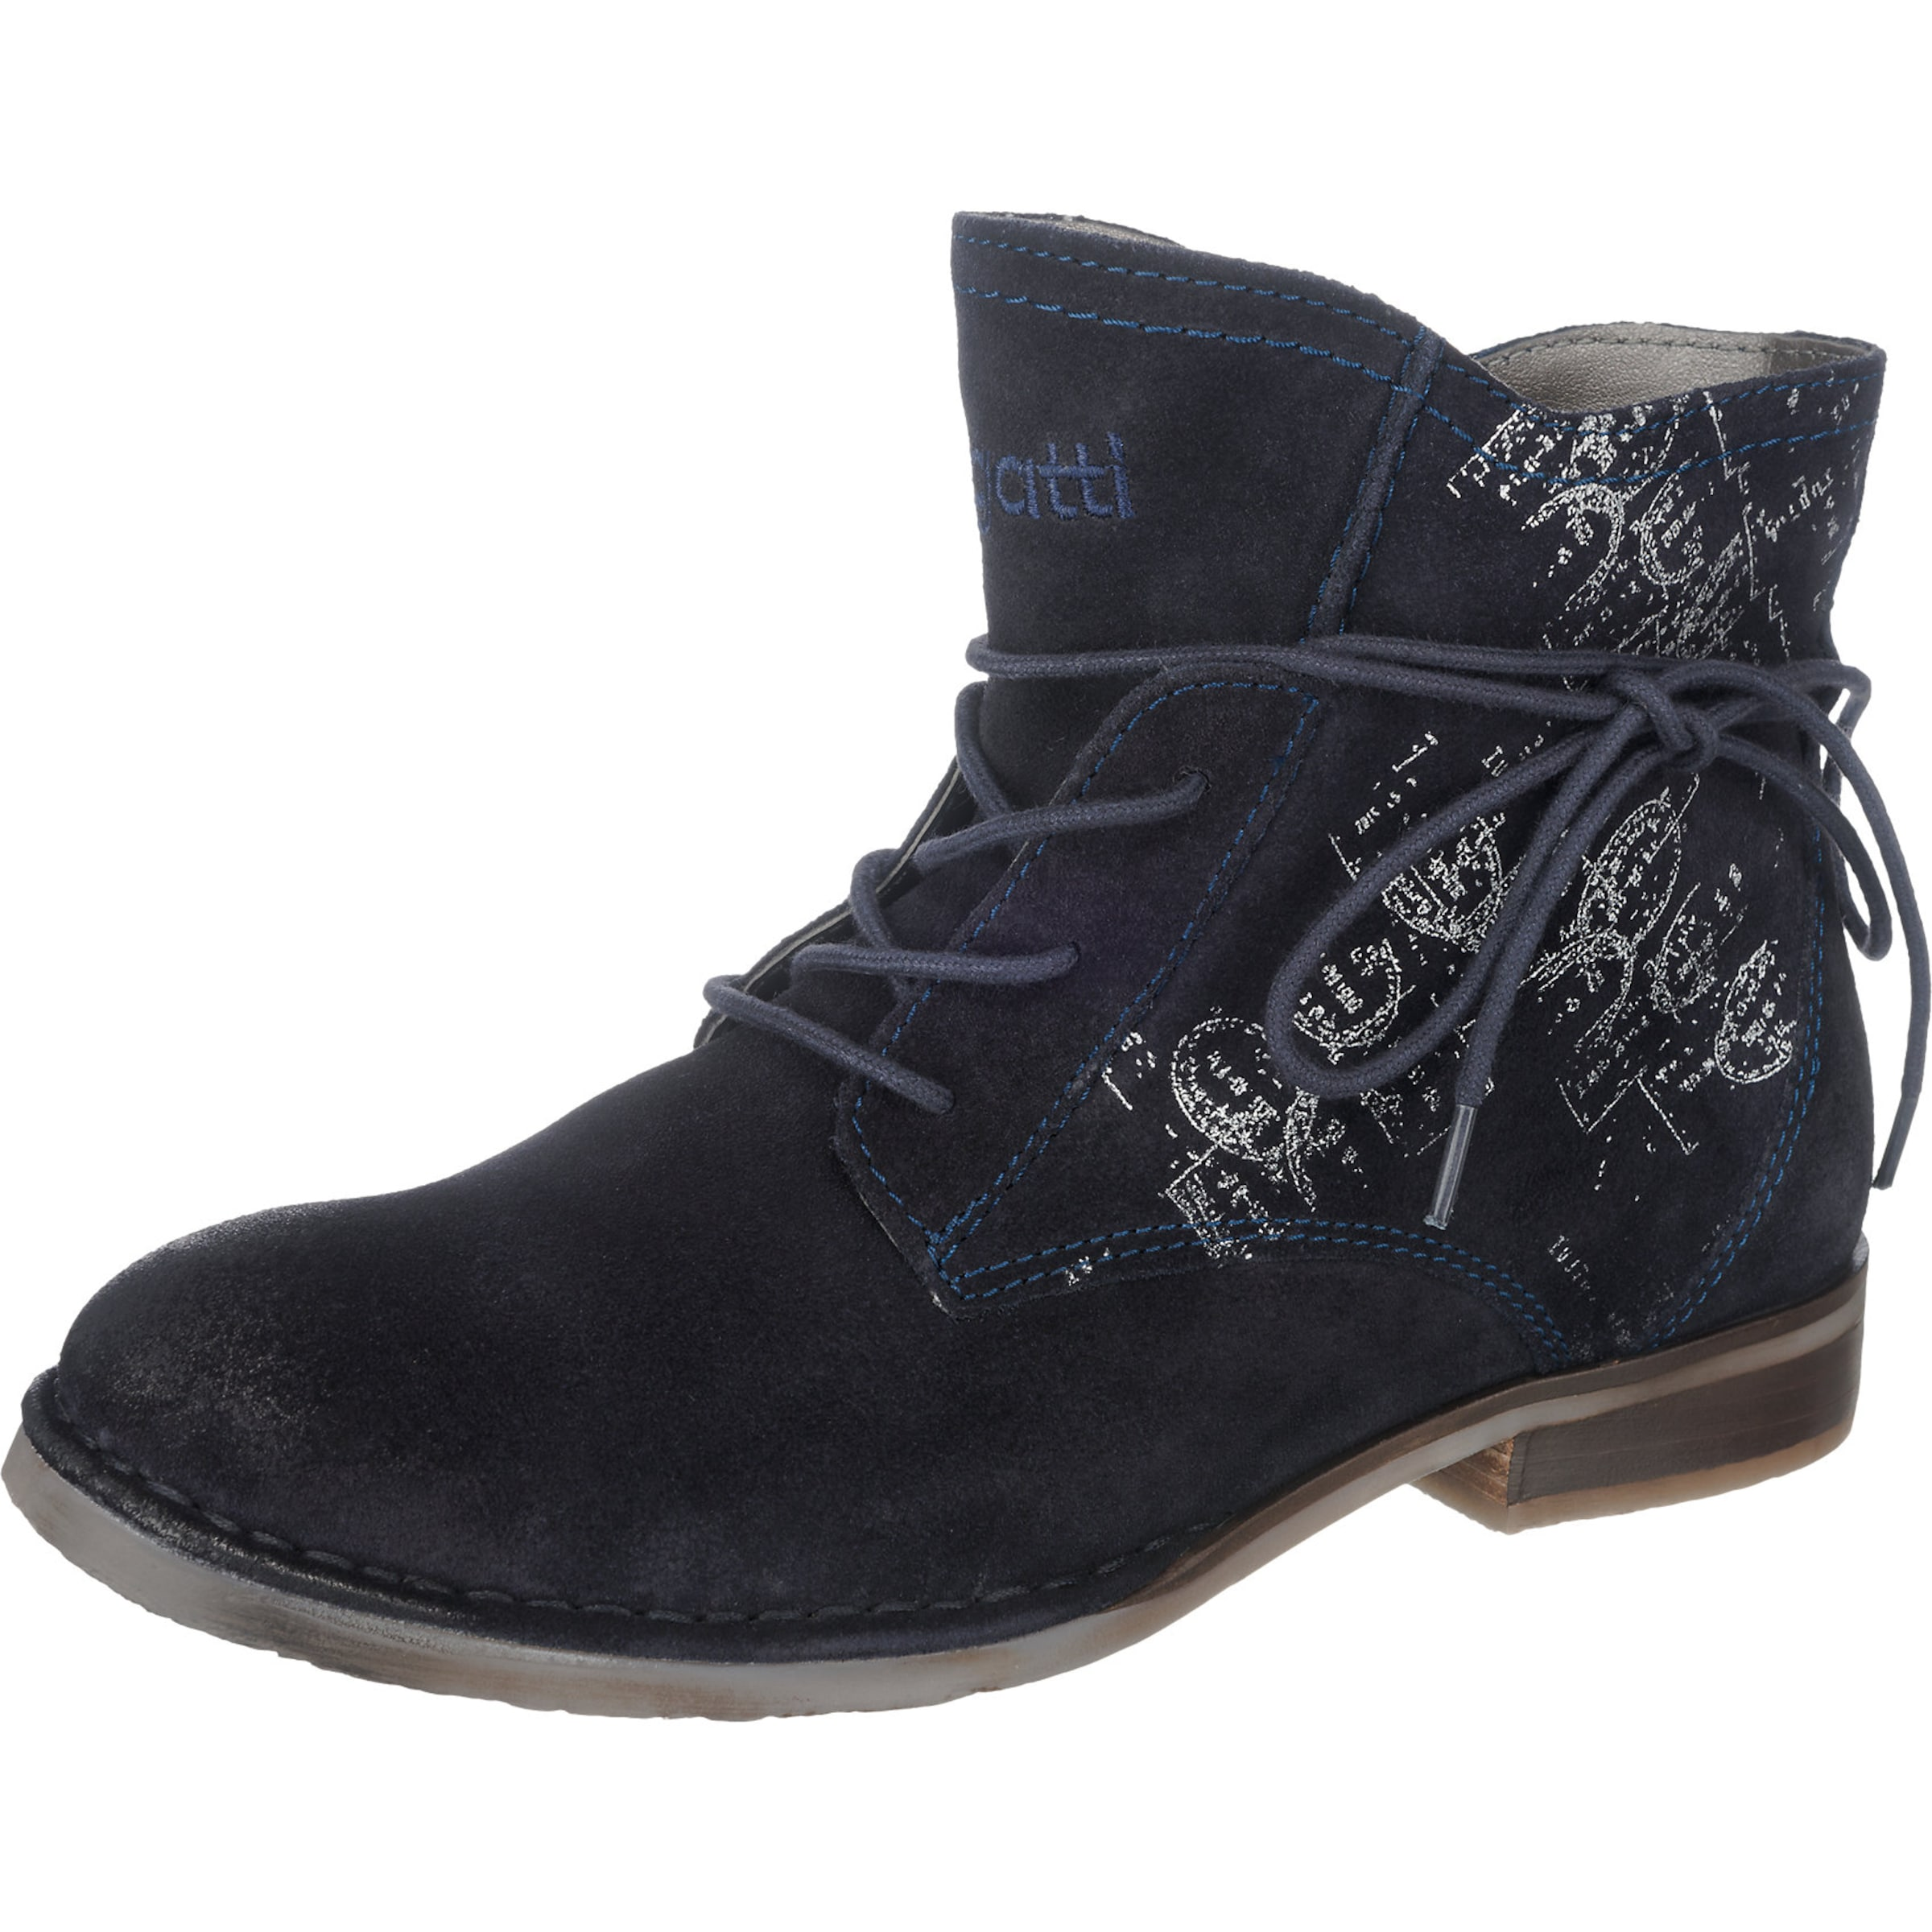 bugatti Stiefeletten Verschleißfeste billige Schuhe Hohe Qualität